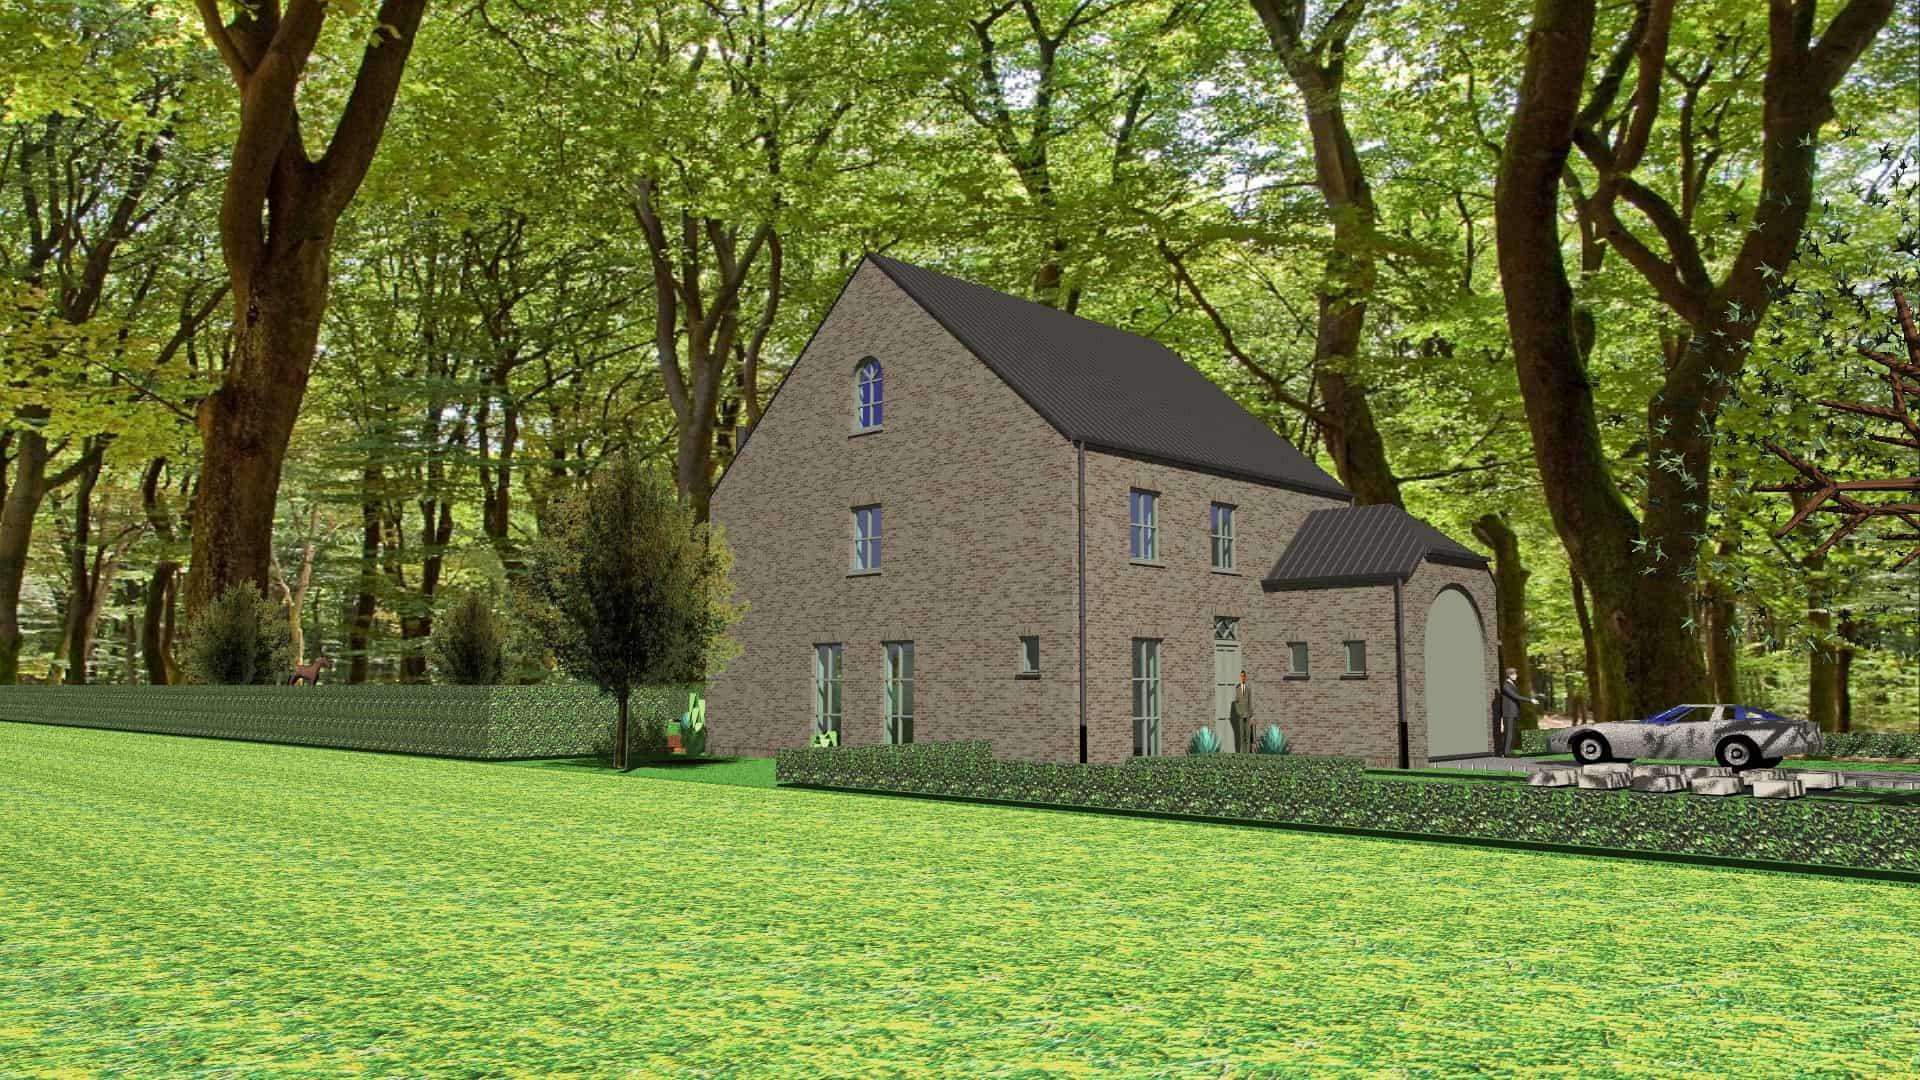 Detail afbeelding 2 van M & M   –   Landelijke herenhuis – Genk | Ontwerp door architect Patrick Strackx